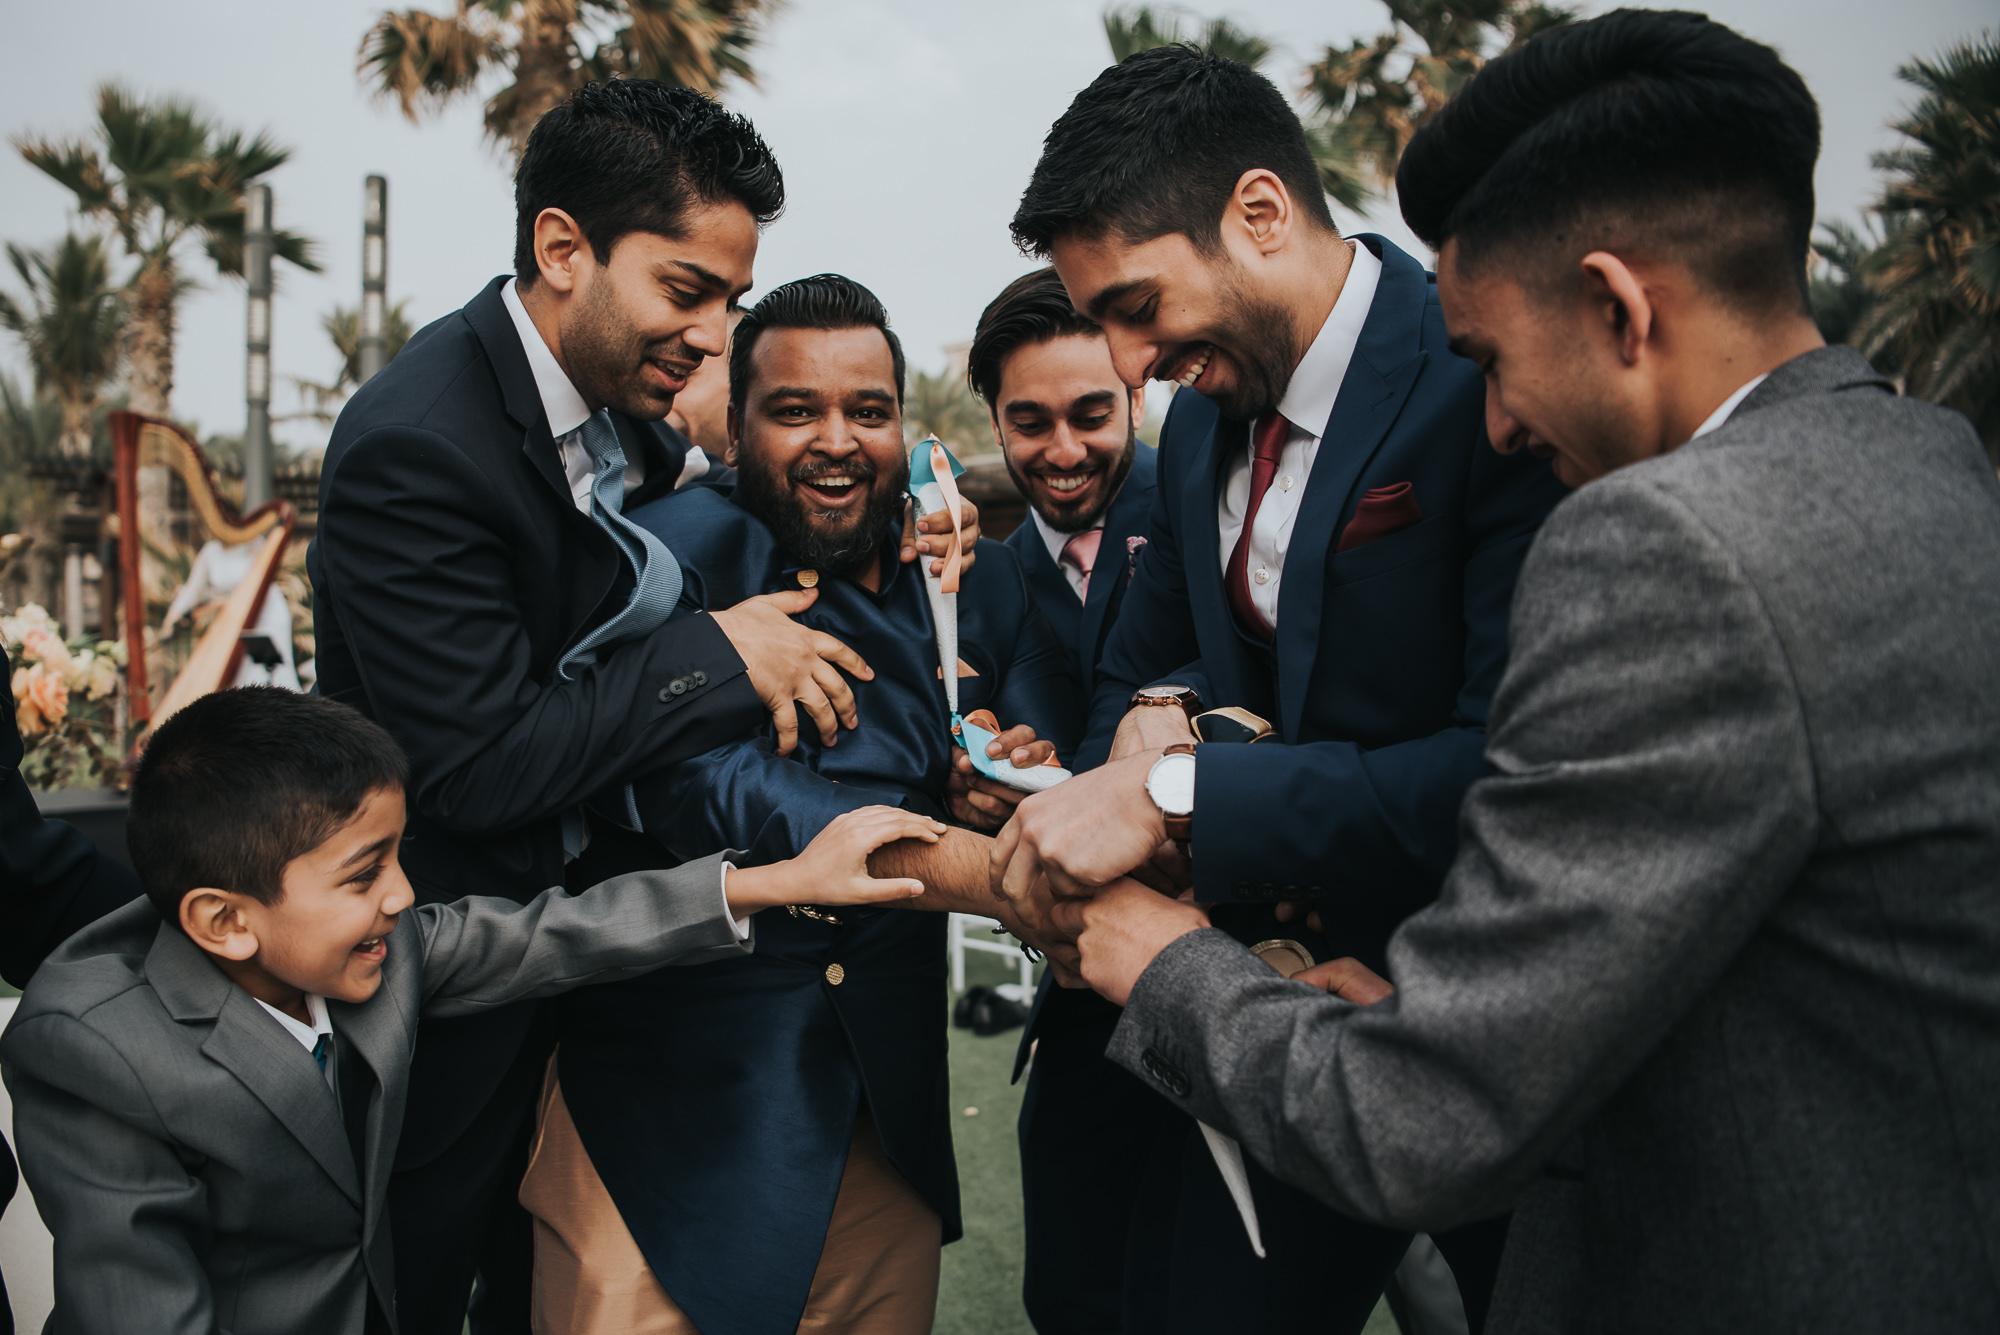 madinat jumeirah dubai wedding photographer  destination wedding photography (24 of 52).jpg